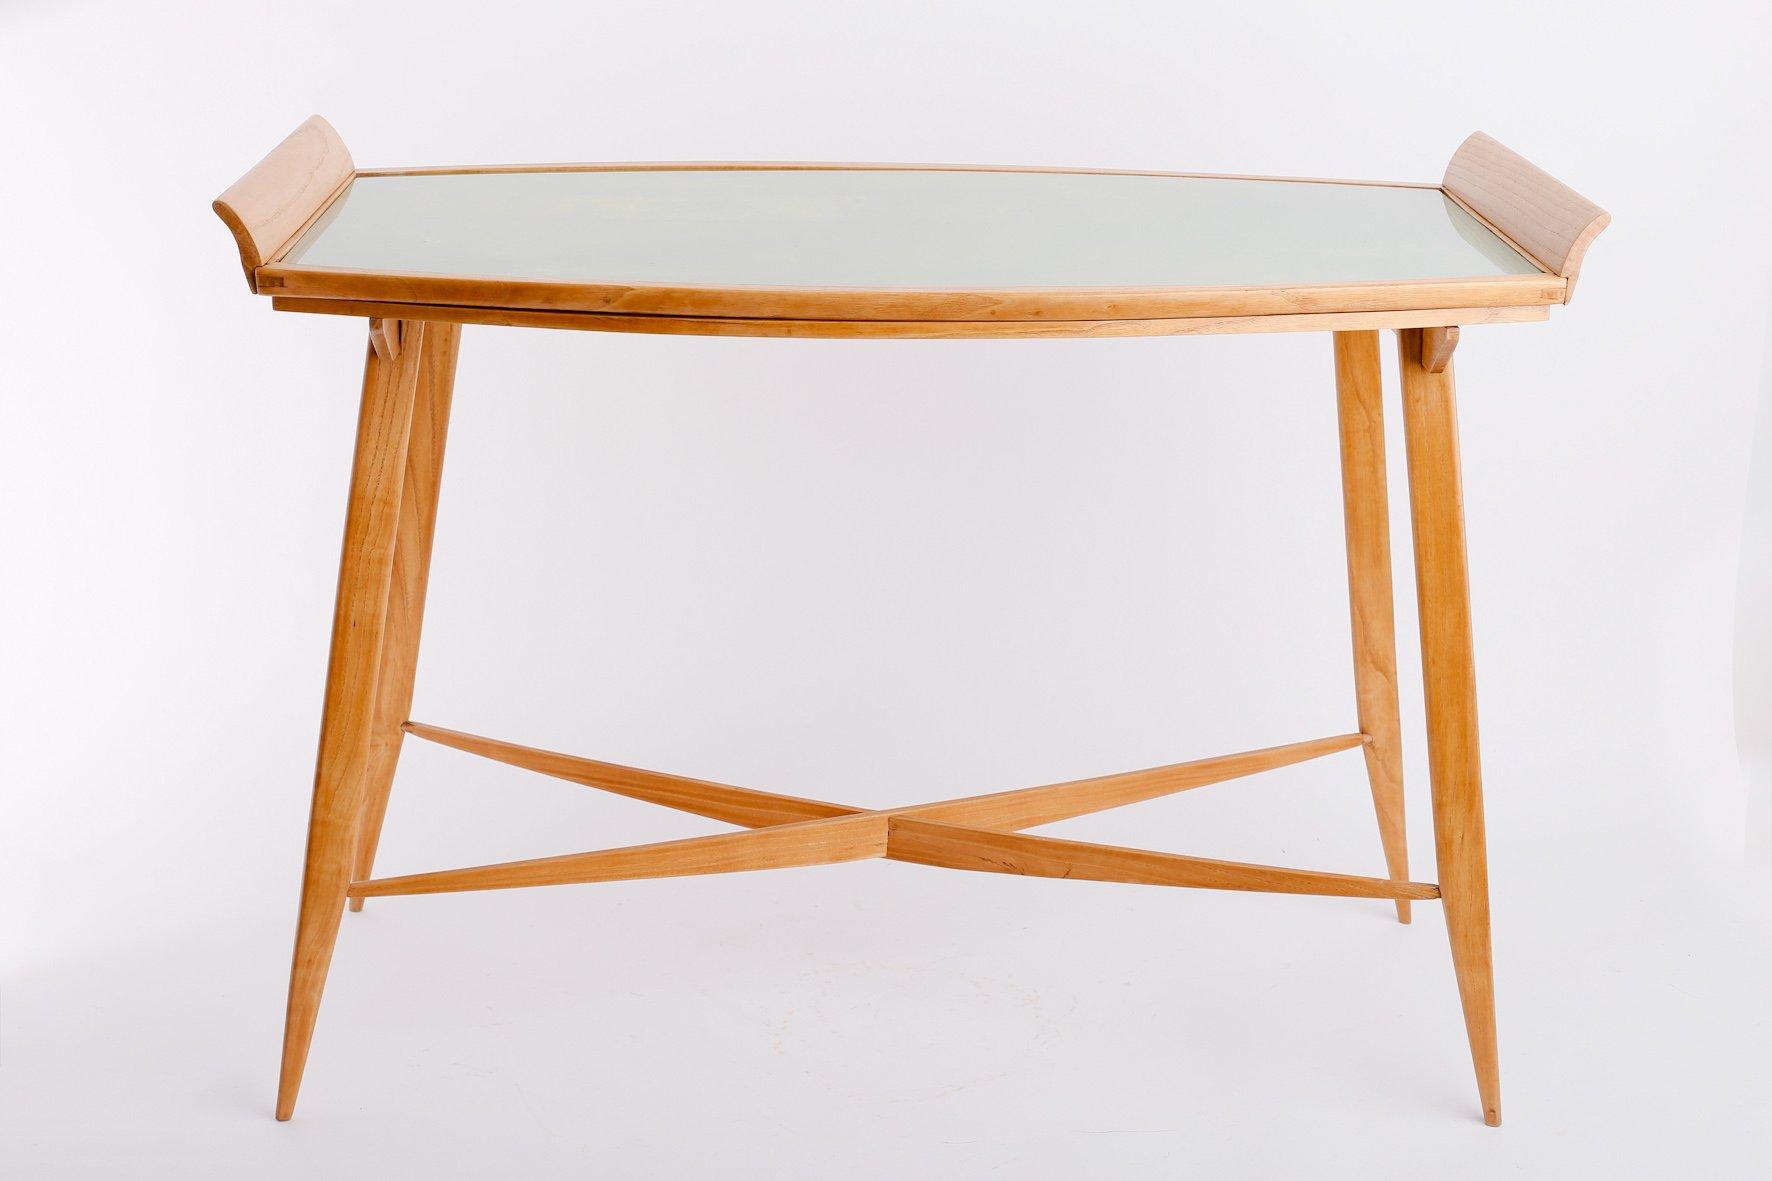 skandinavischer beistelltisch mit tablett bei pamono kaufen. Black Bedroom Furniture Sets. Home Design Ideas